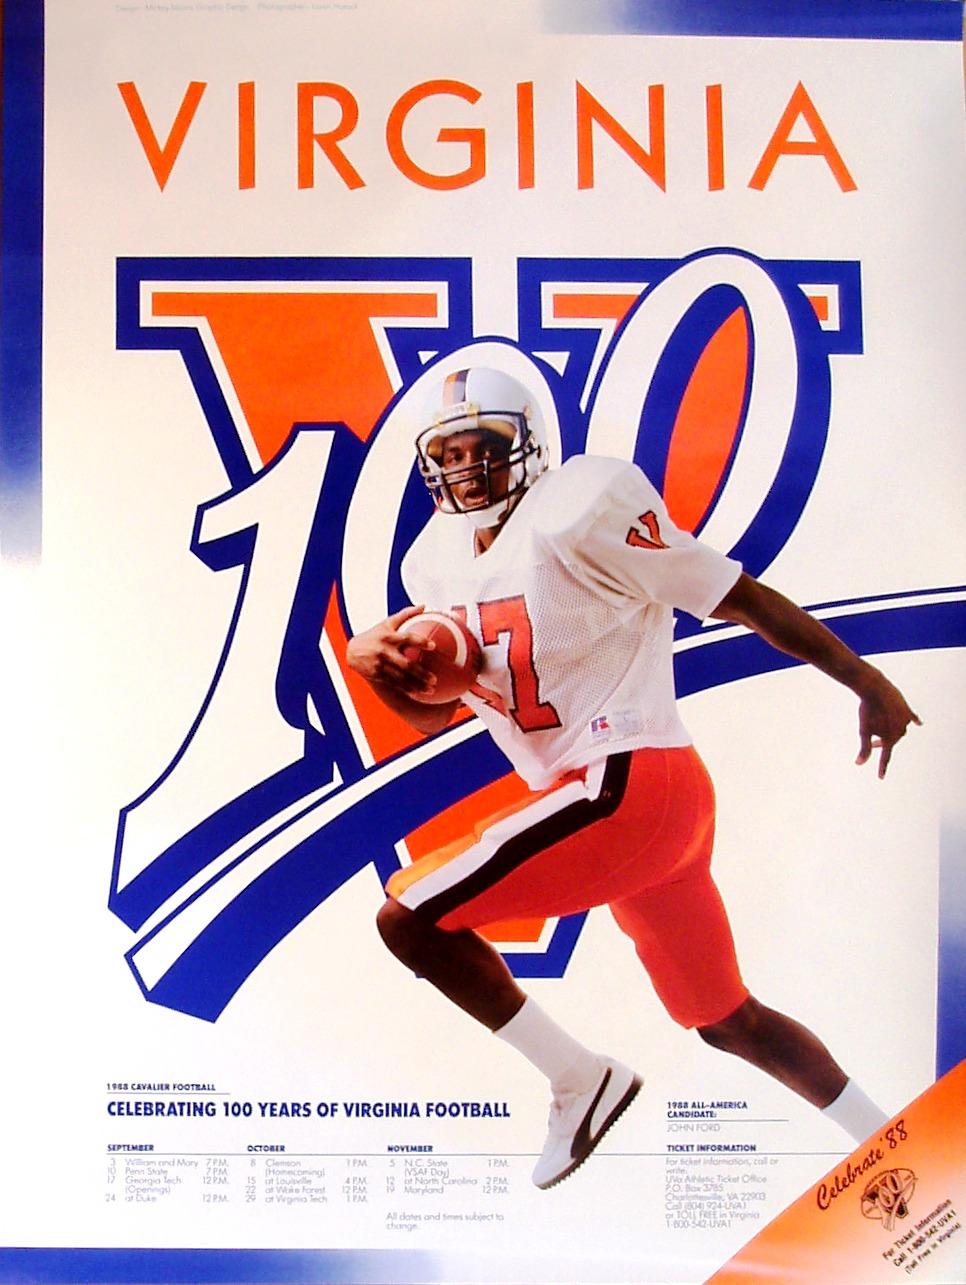 1988_UVA_Football_Poster2.jpg